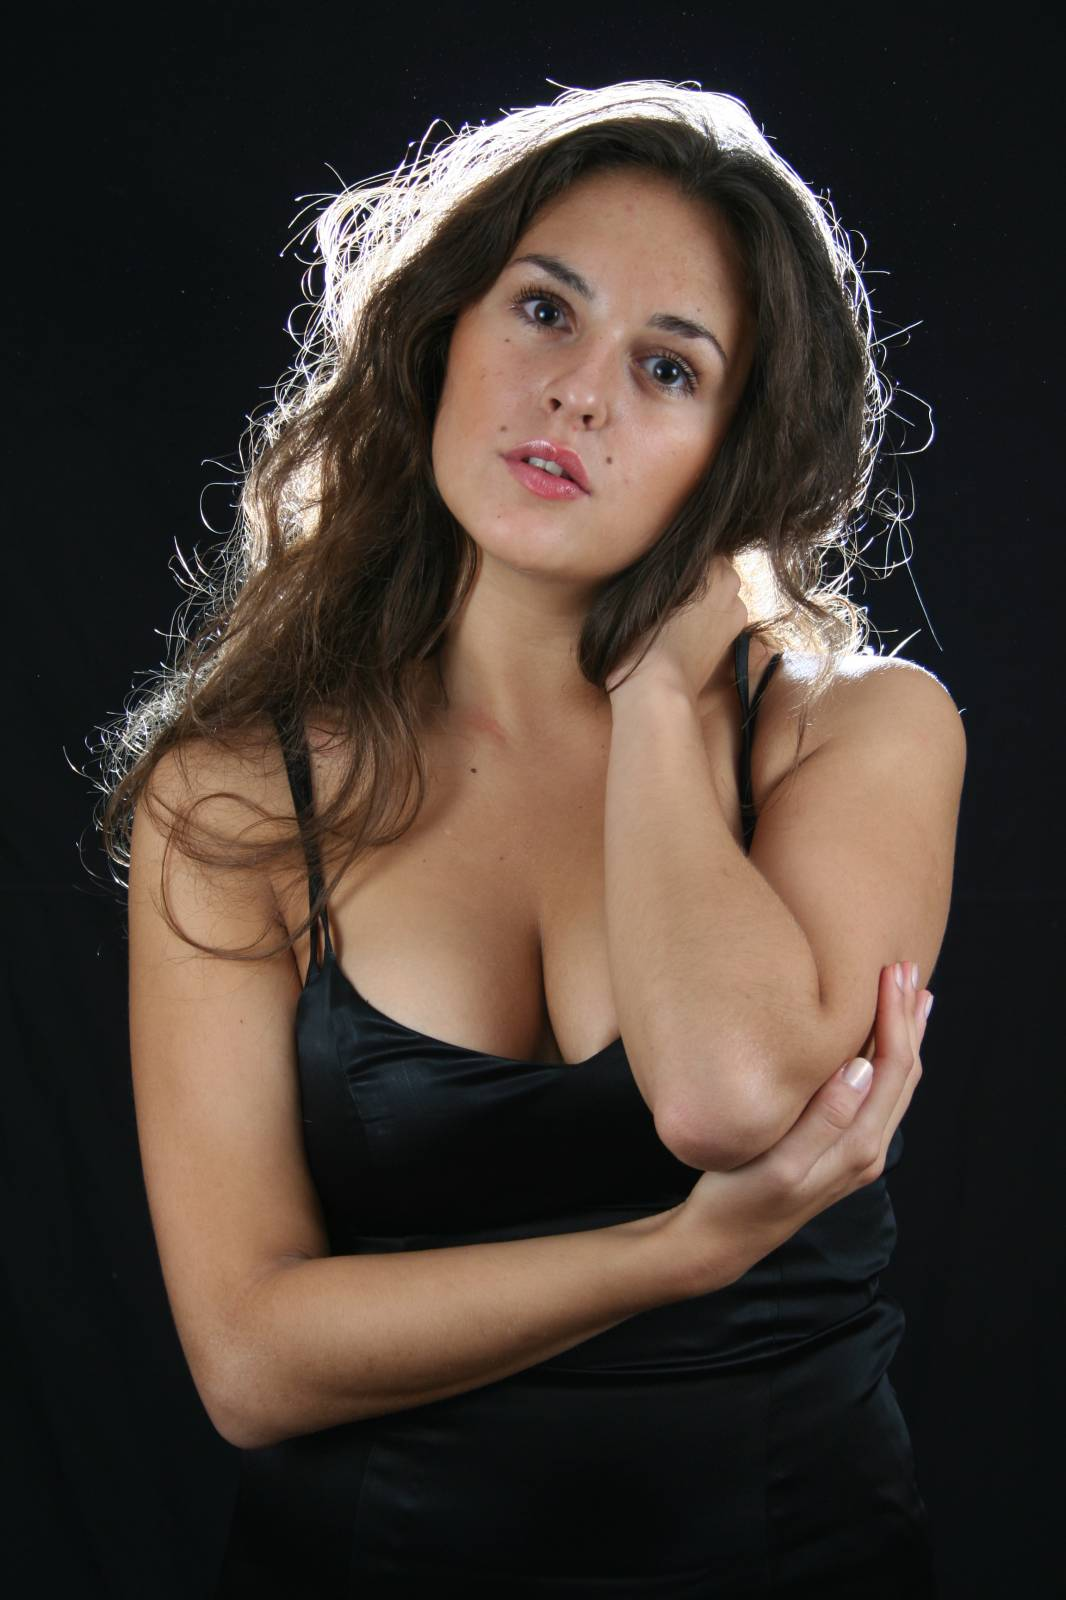 Русские актрисы фото без цензуры 14 фотография